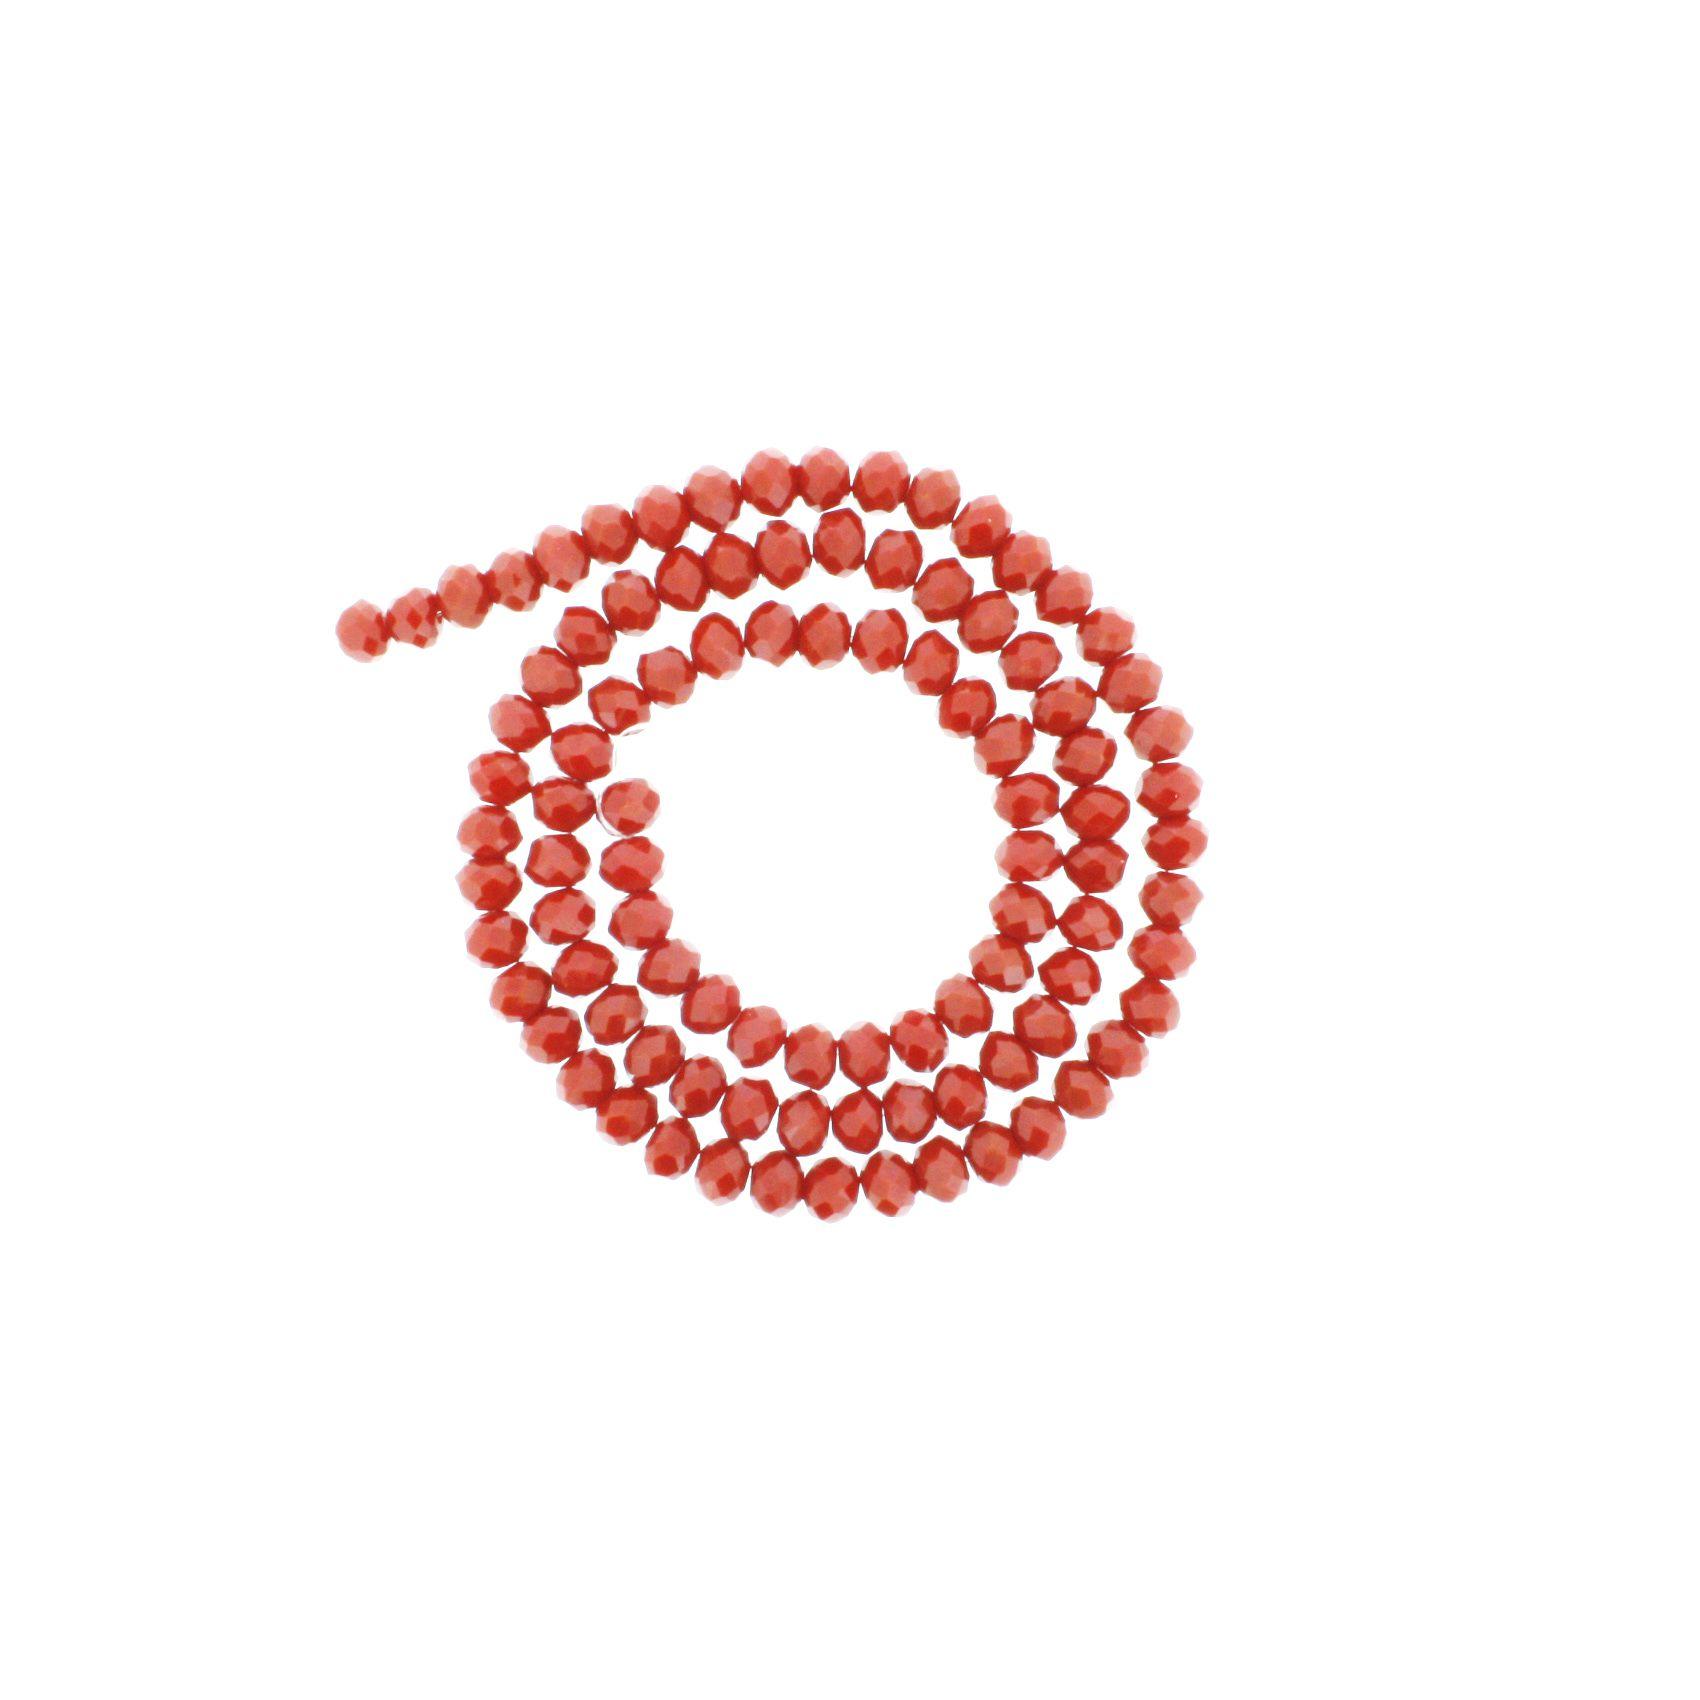 Fio de Cristal - Piatto® - Vermelho - 6mm  - Universo Religioso® - Artigos de Umbanda e Candomblé